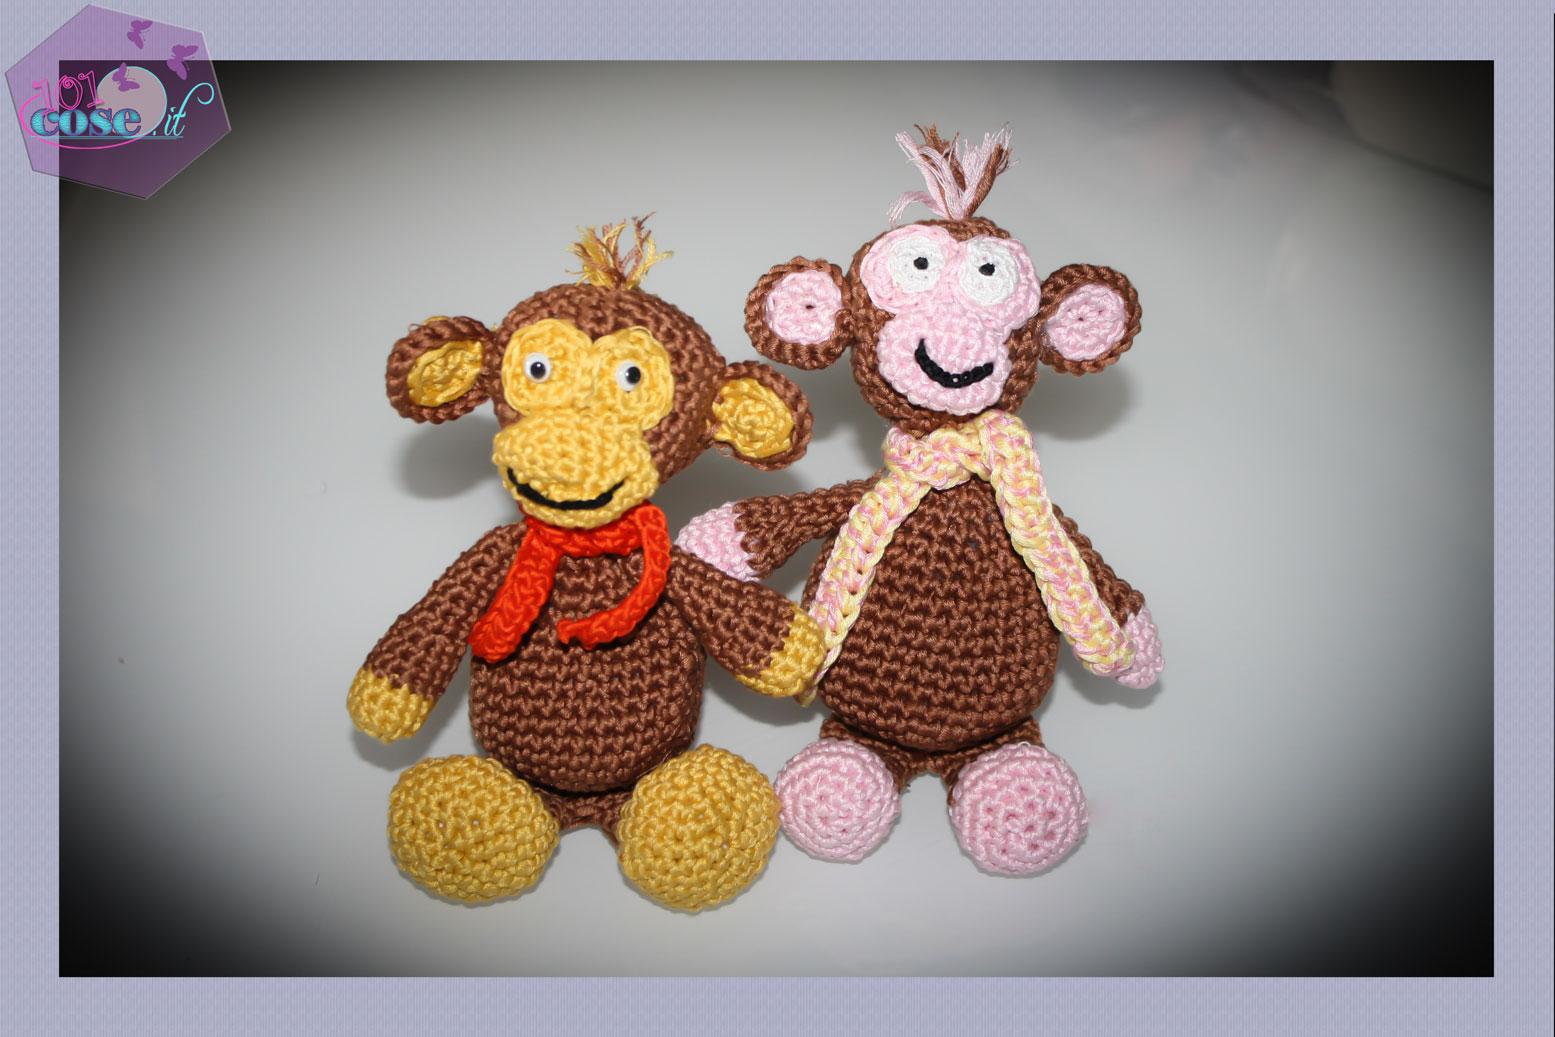 Monkey rock amigurumi pattern (3) - free cross stitch patterns ... | 1037x1555